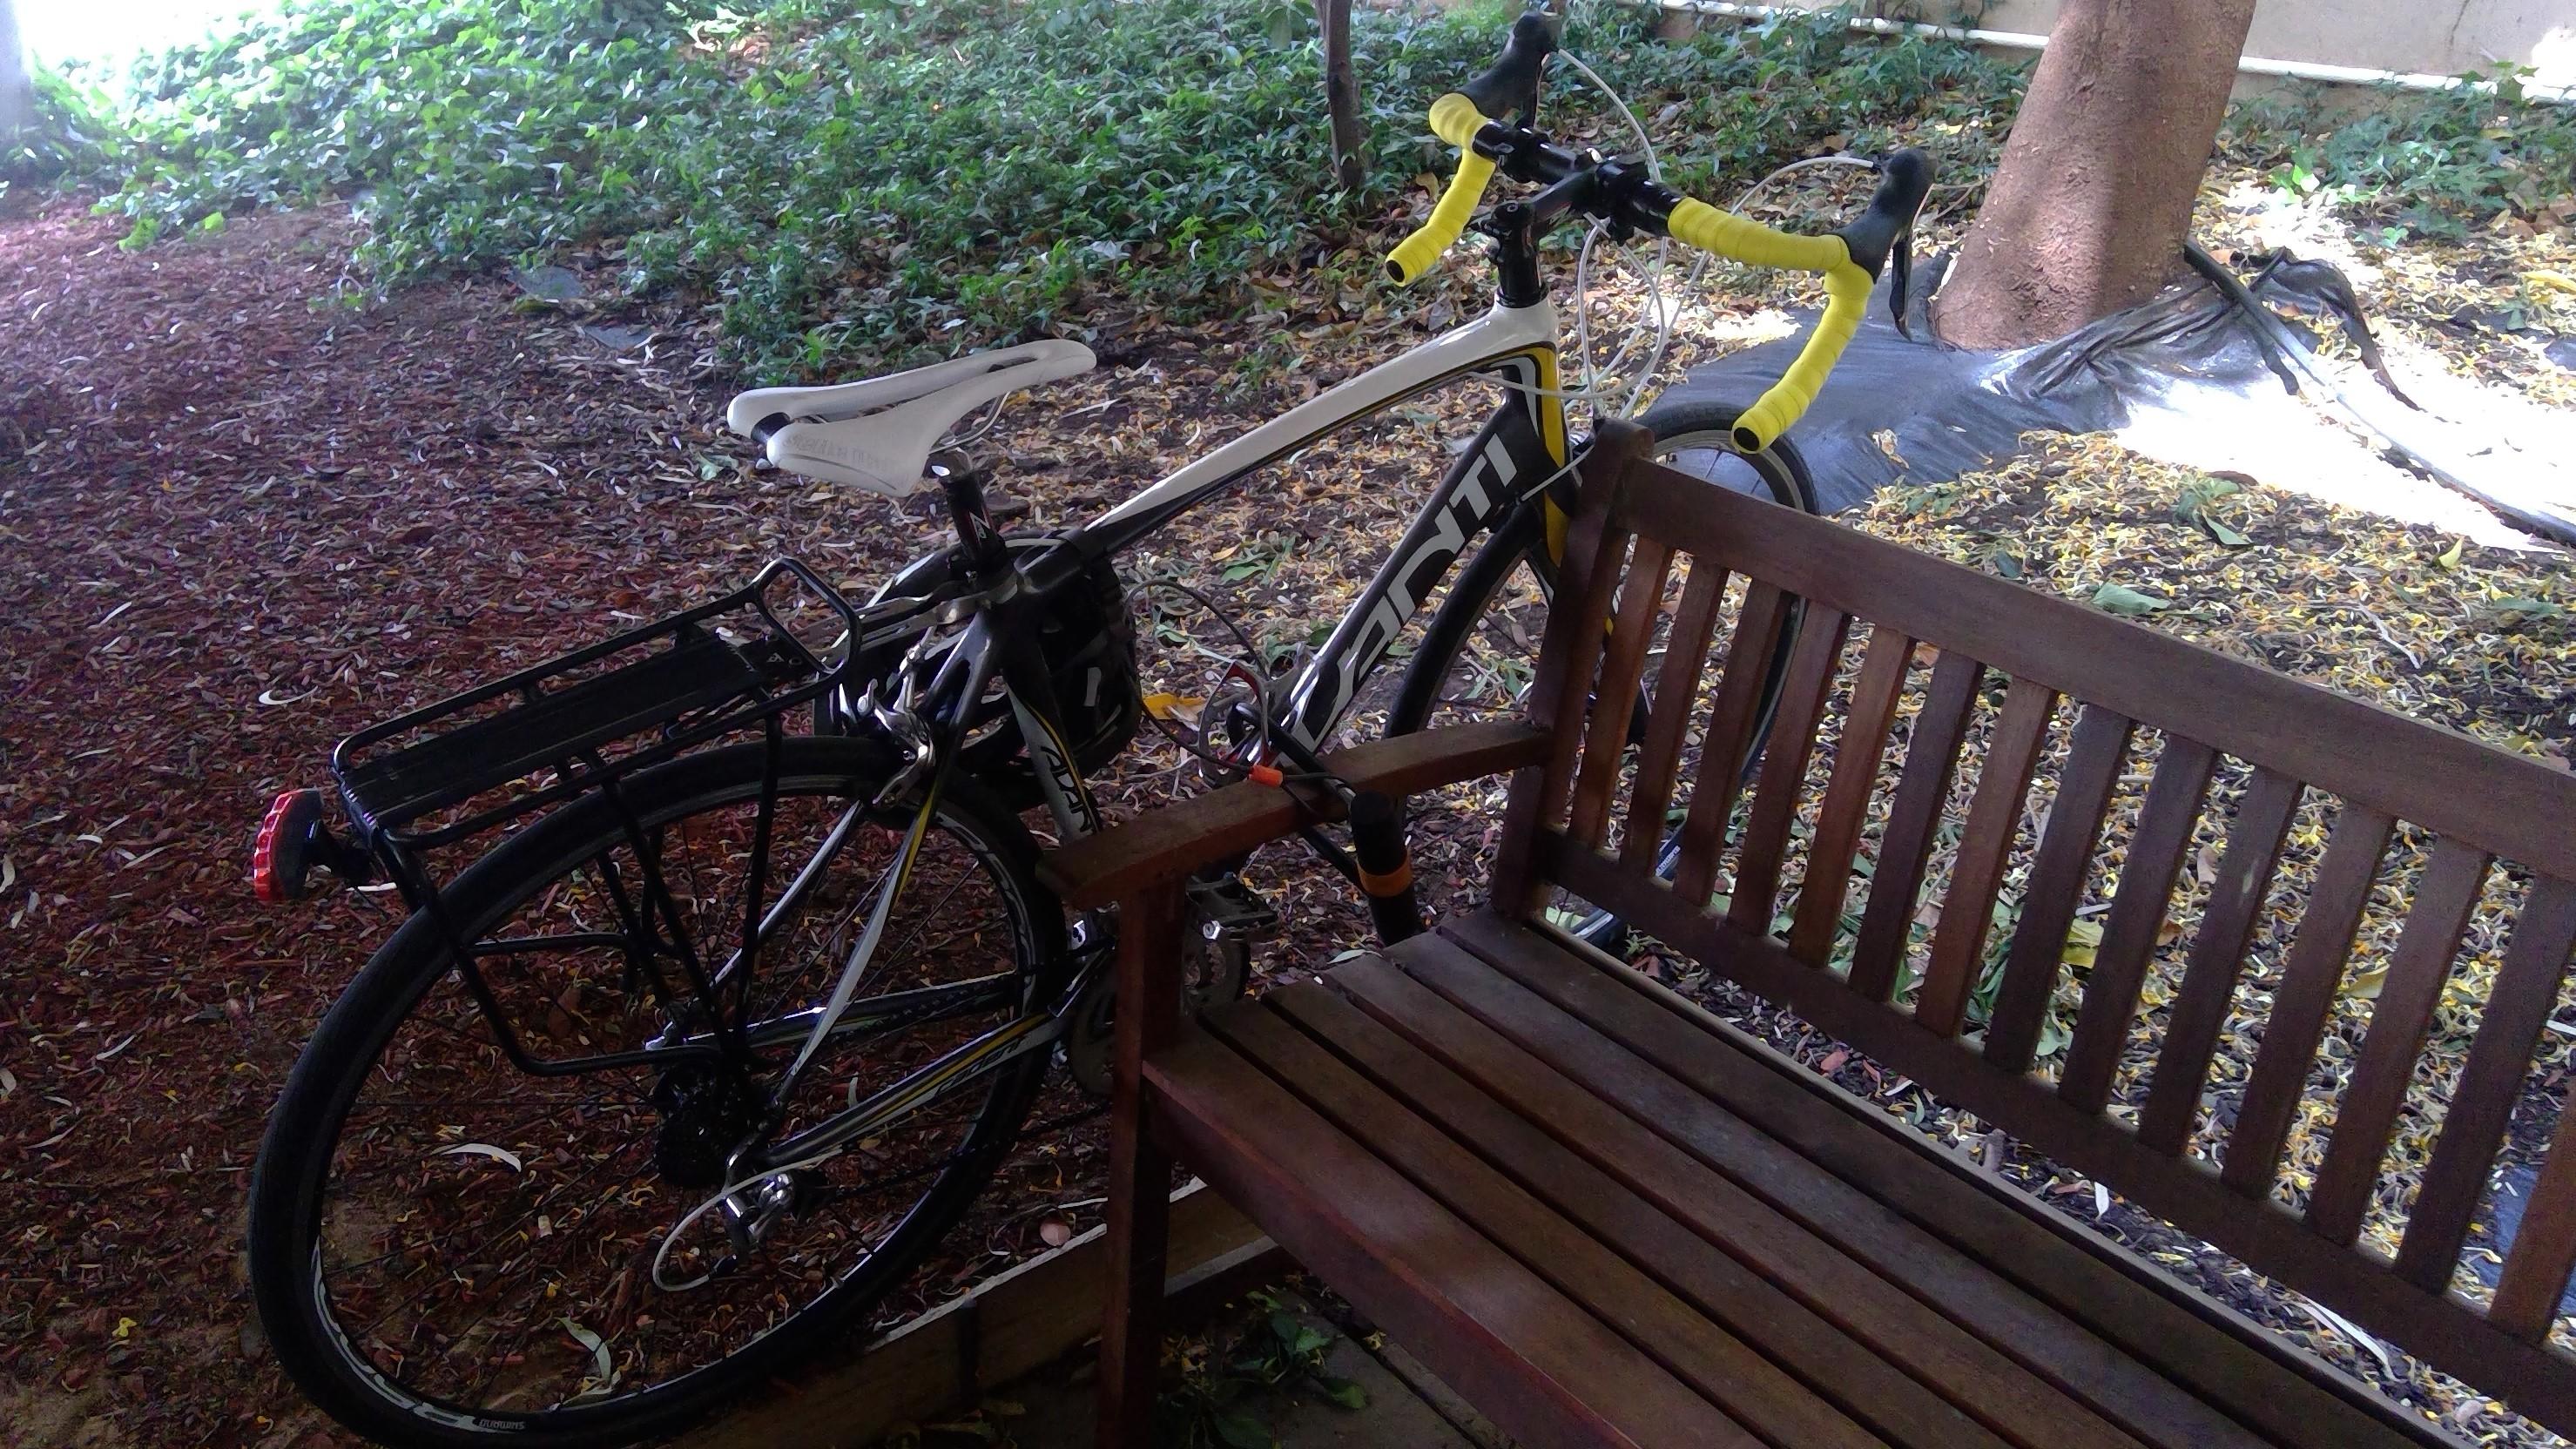 Steve'e bike